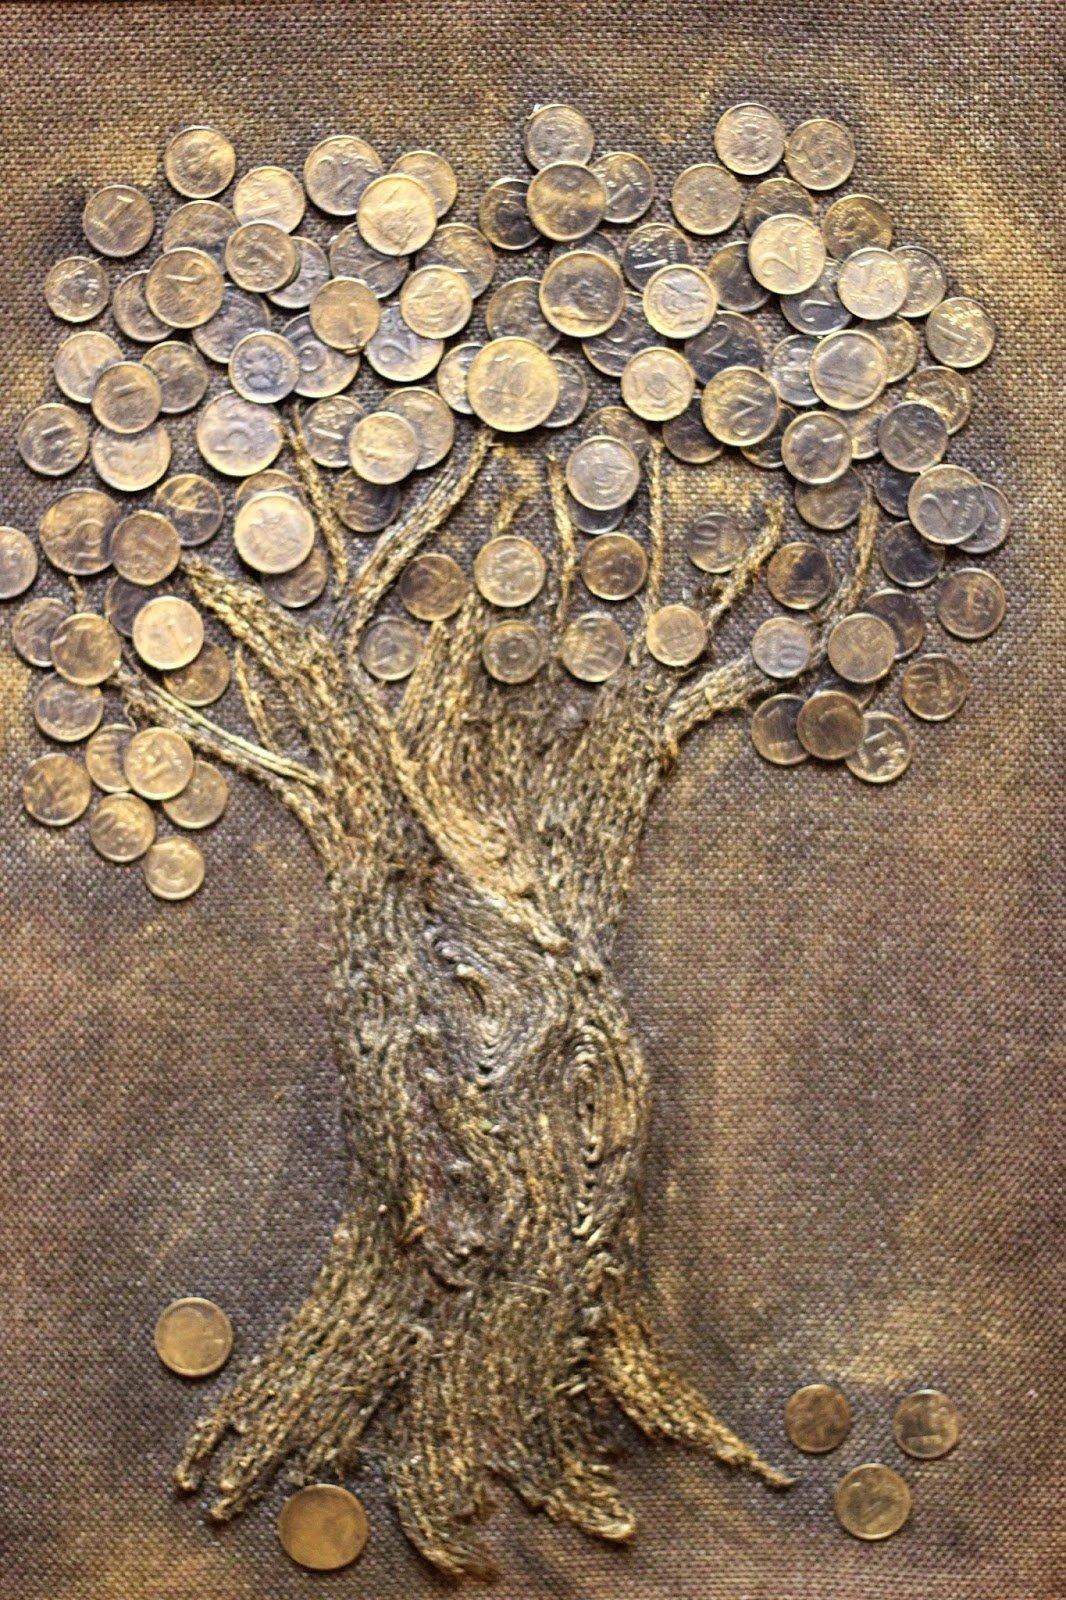 молодые картинки дерево с монетами багет подарок дополнительное